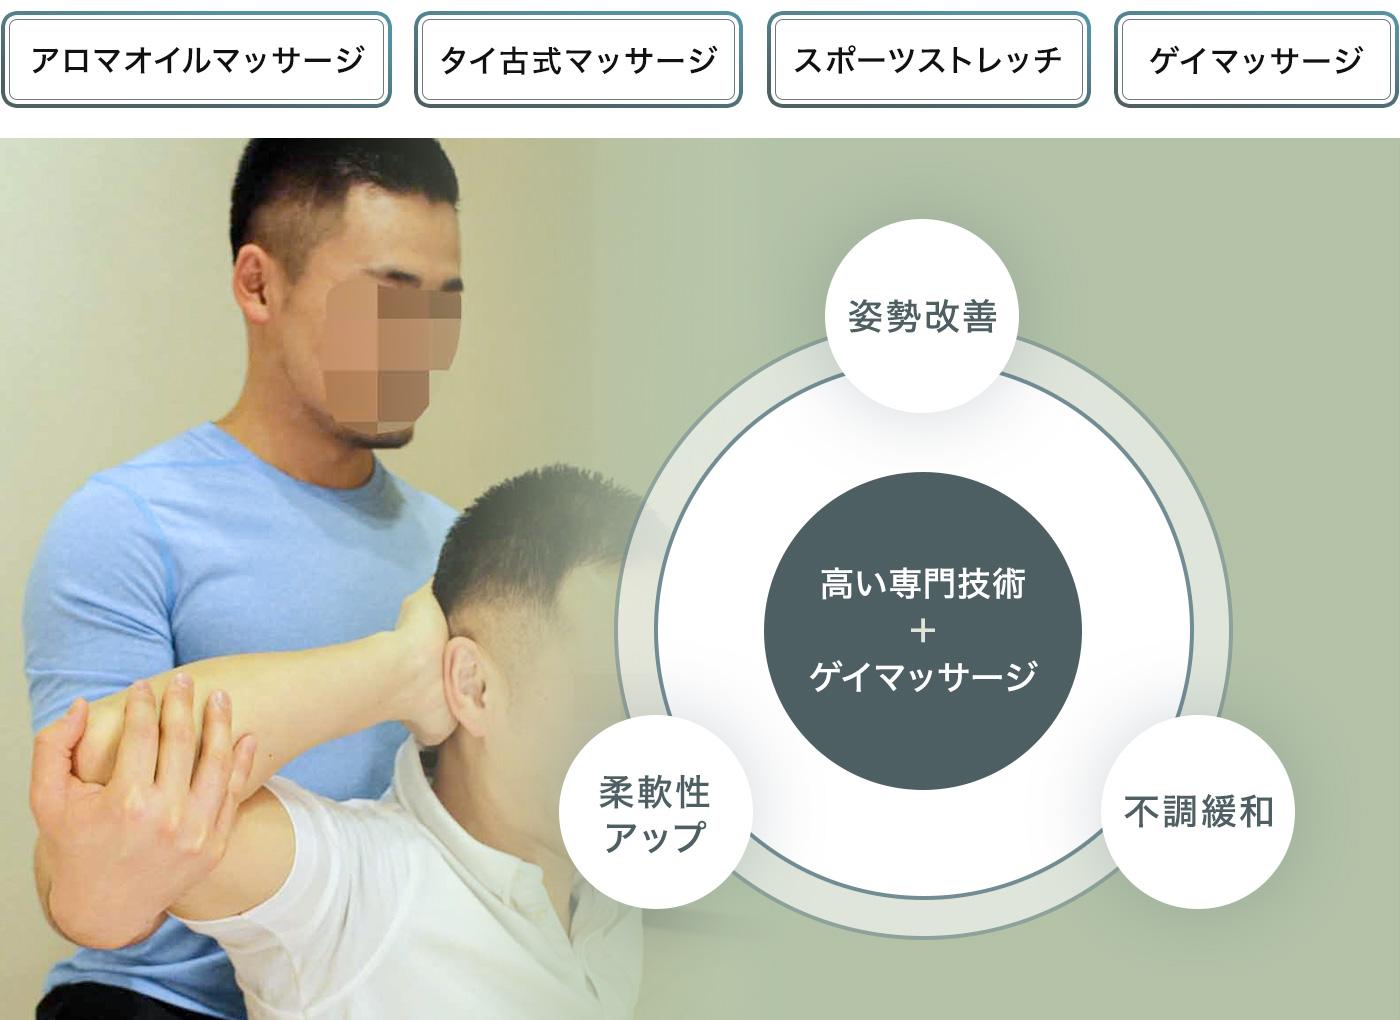 大阪ゲイマッサージ専門店RINはこちら